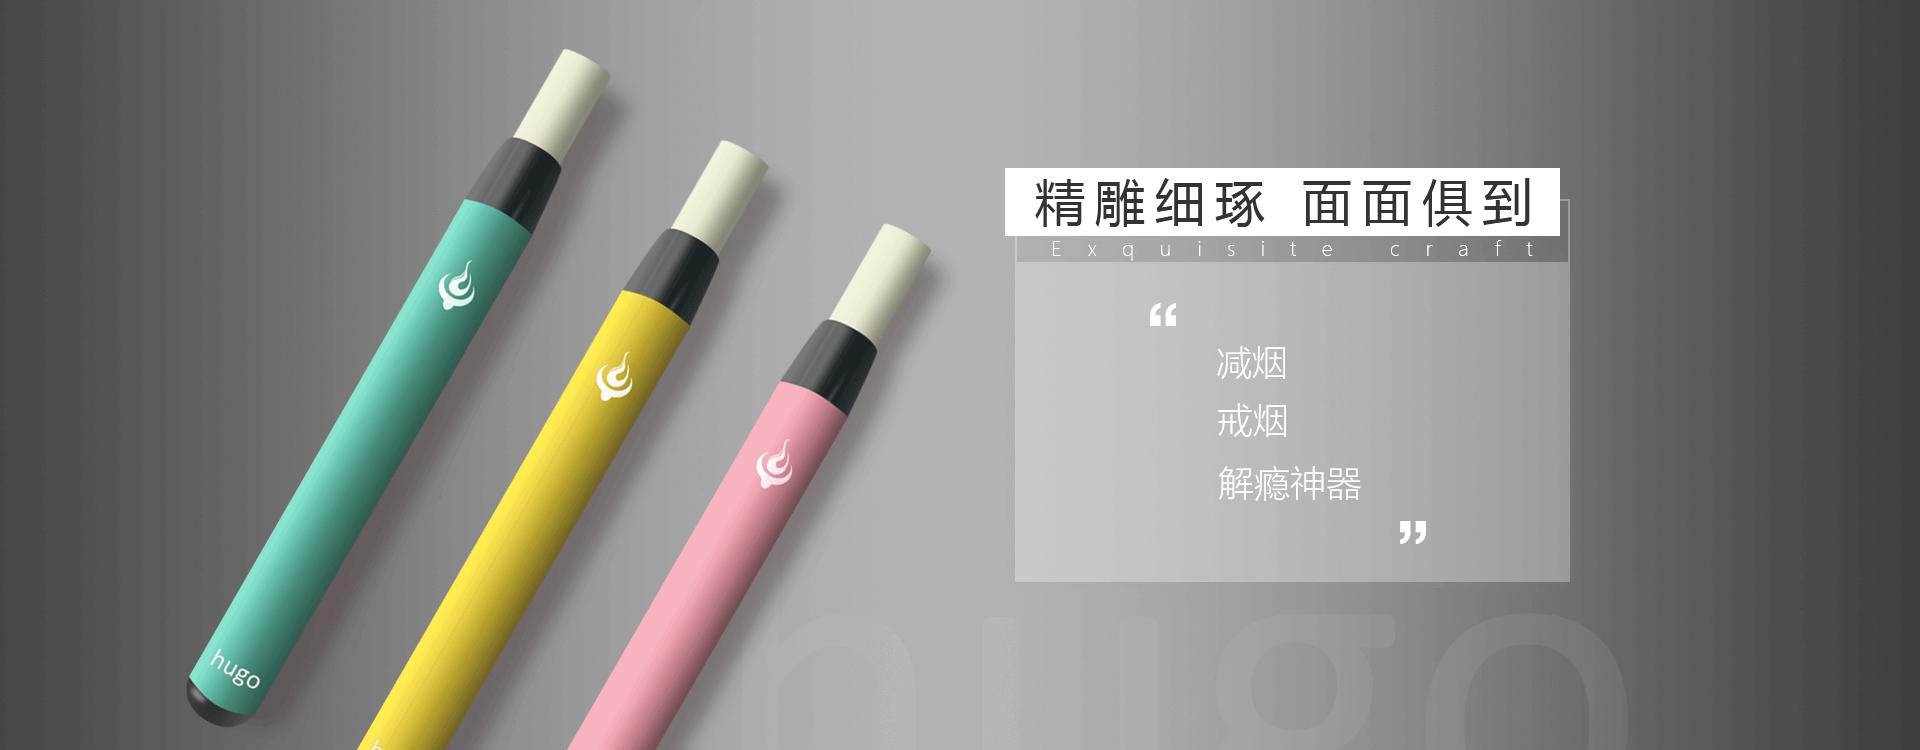 火牛轻烟电子烟 精雕细琢 面面俱到 减烟 戒烟 解瘾神器